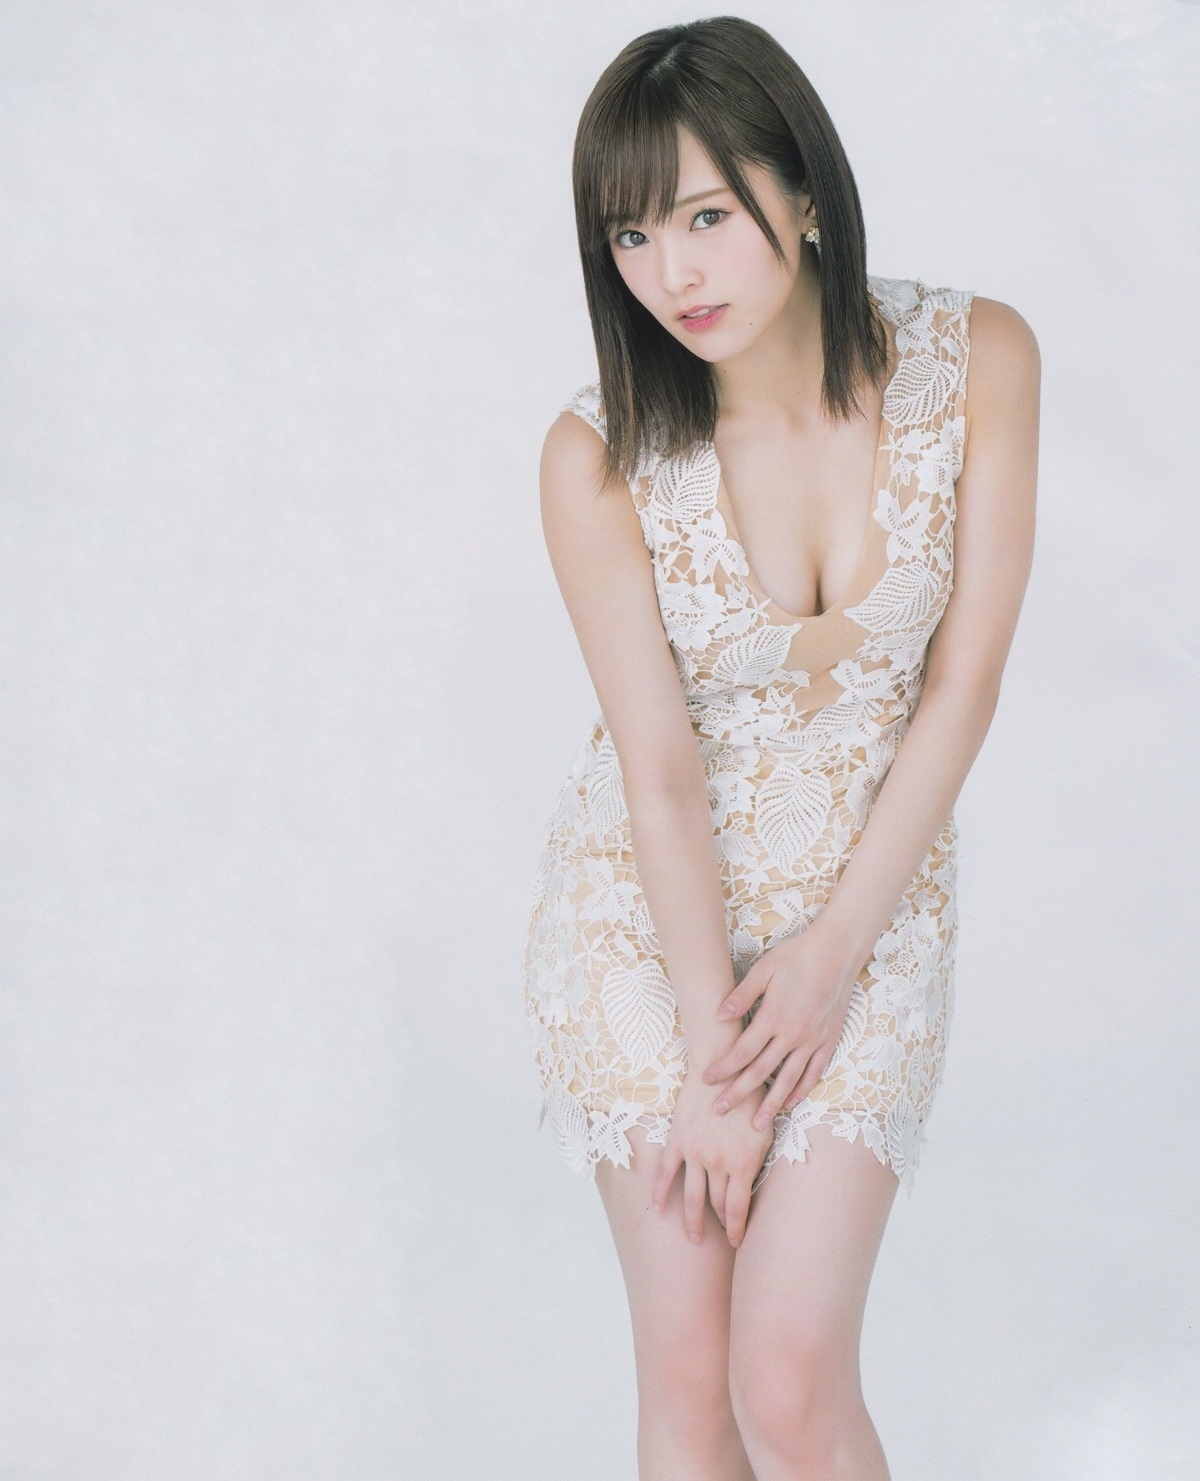 yamamoto_sayaka080.jpg